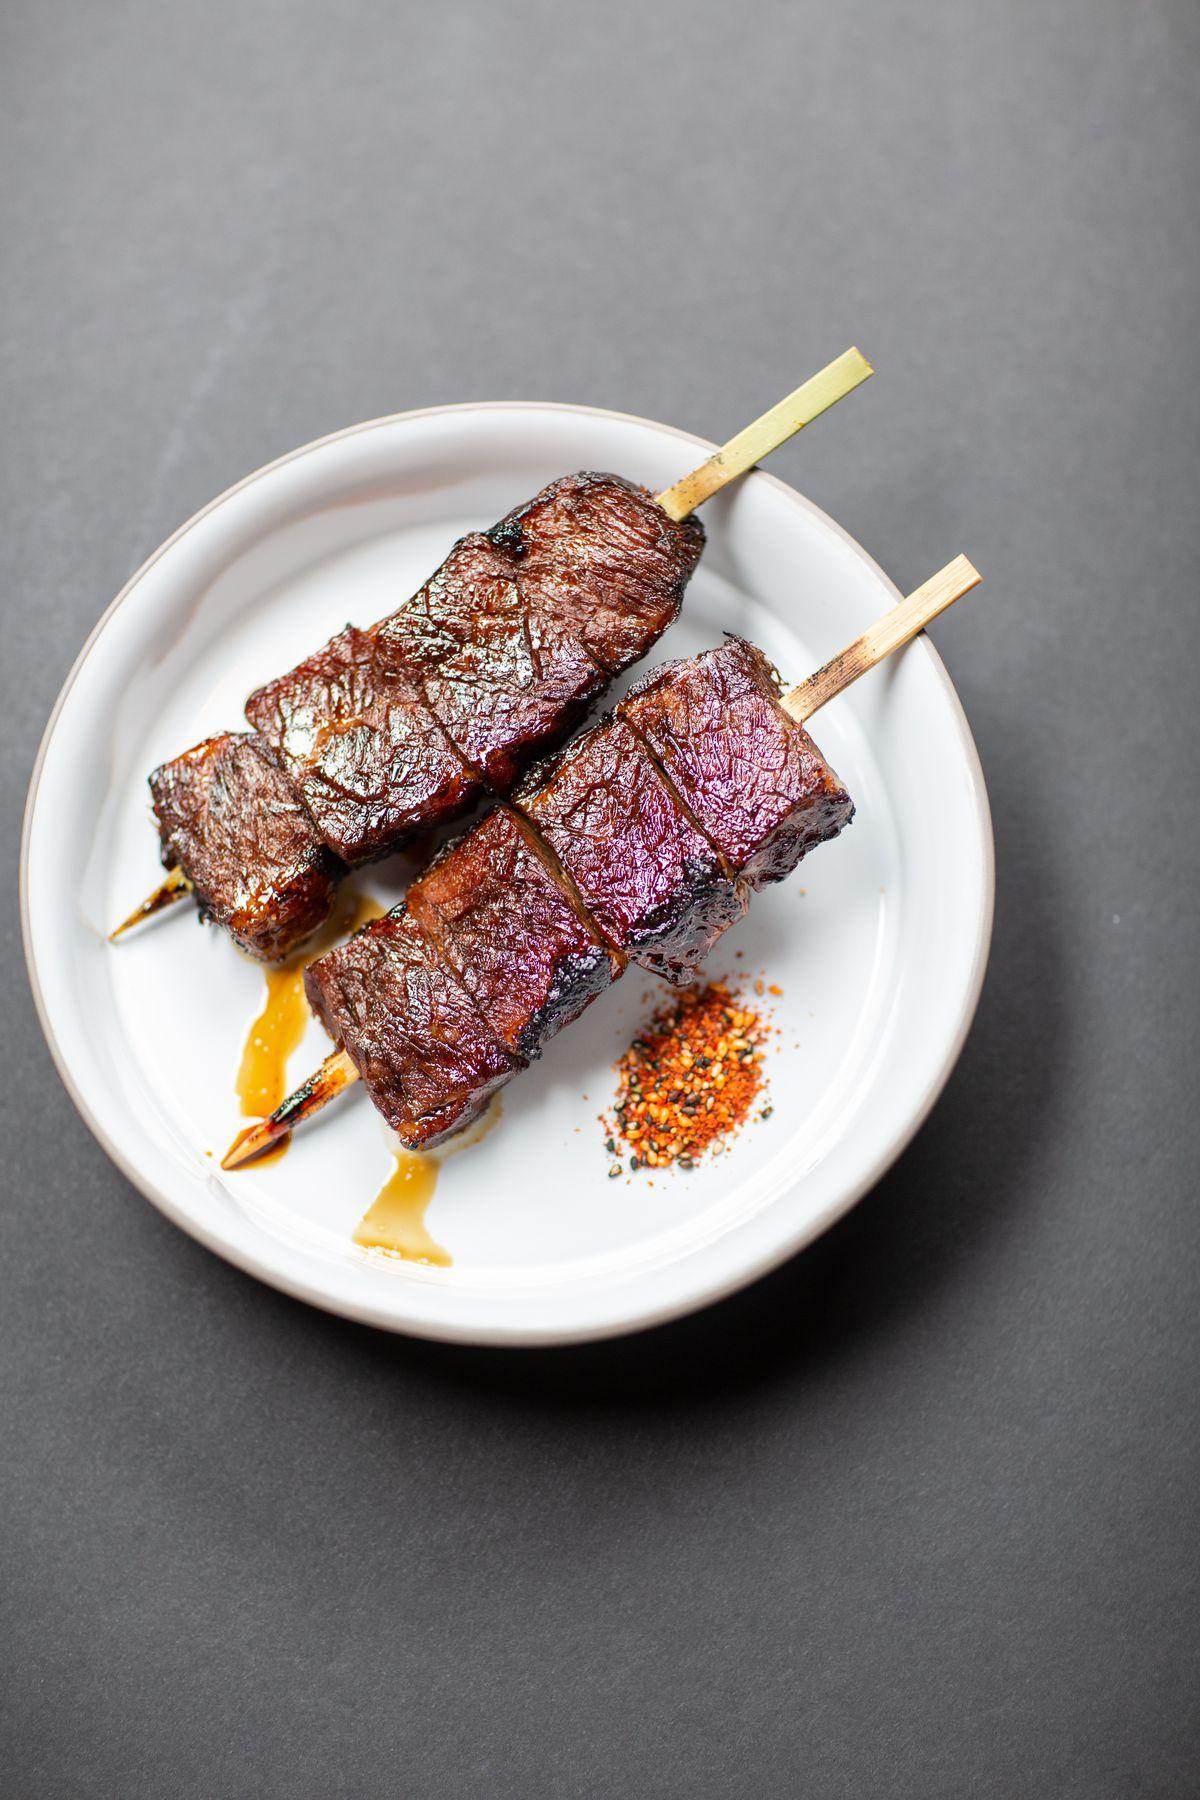 Beef kushiyaki from Shibuya Eatery